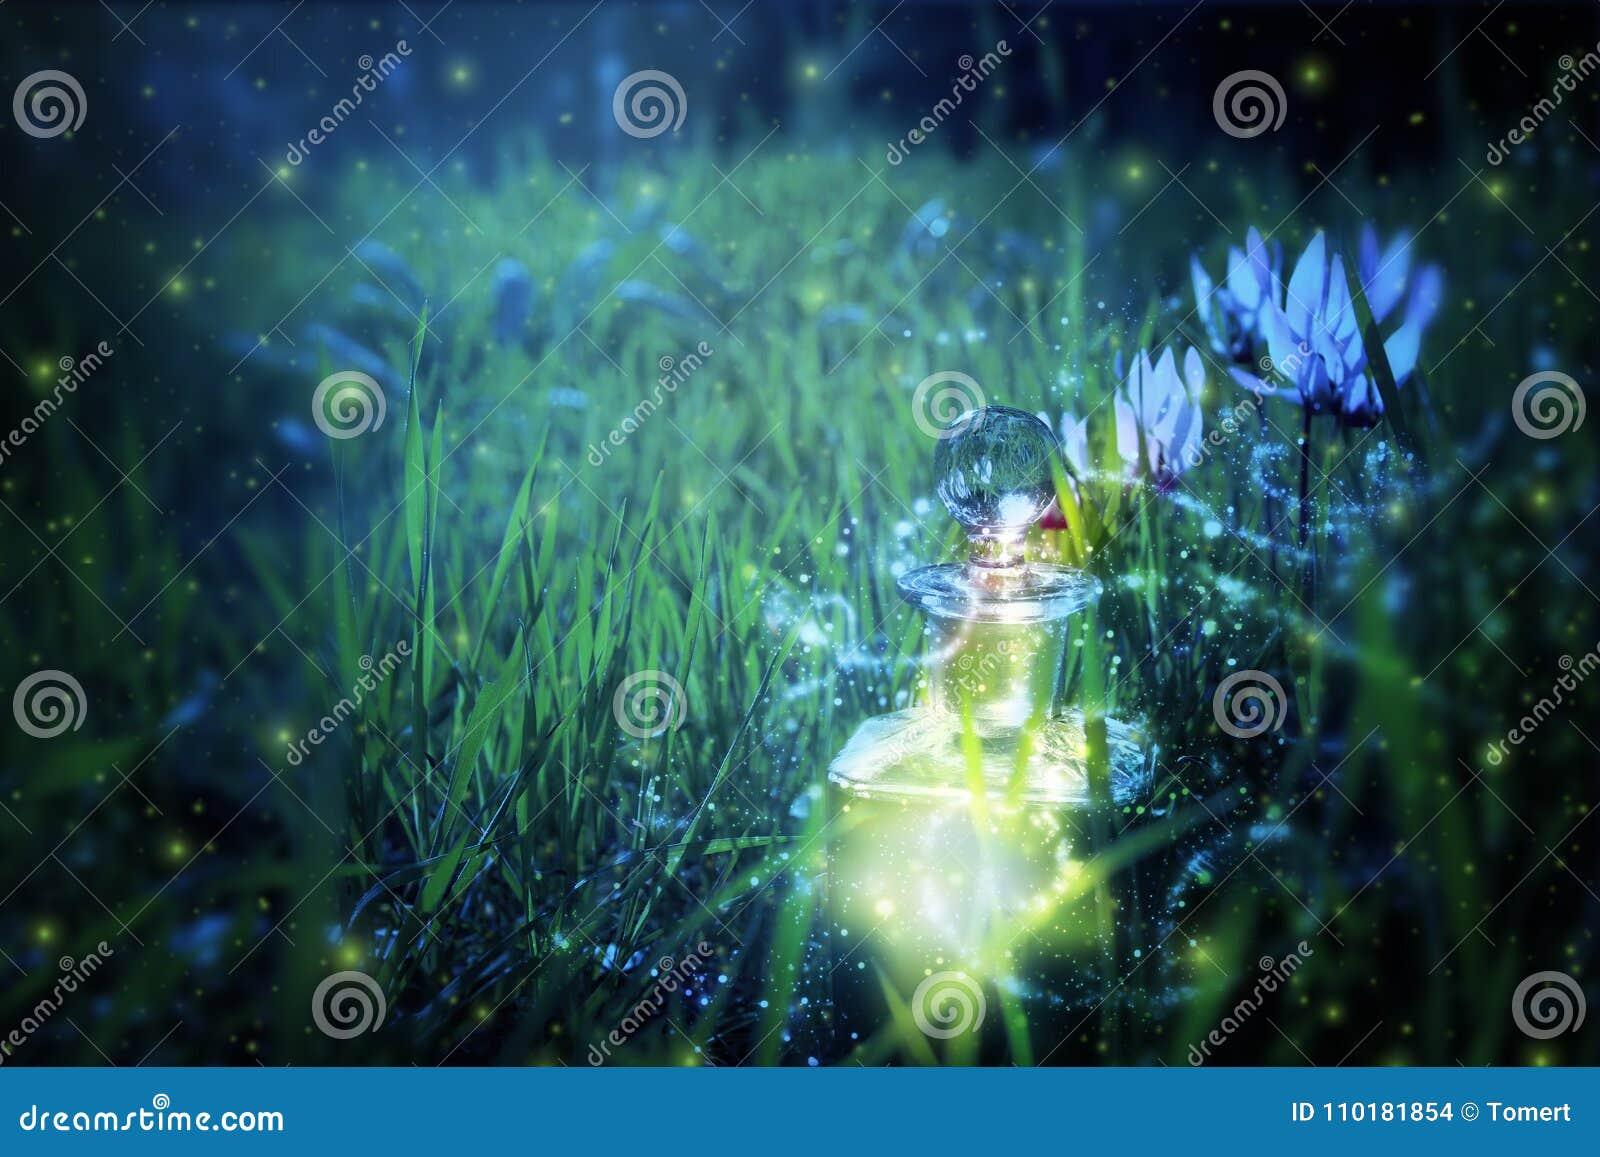 Magical fairy dust